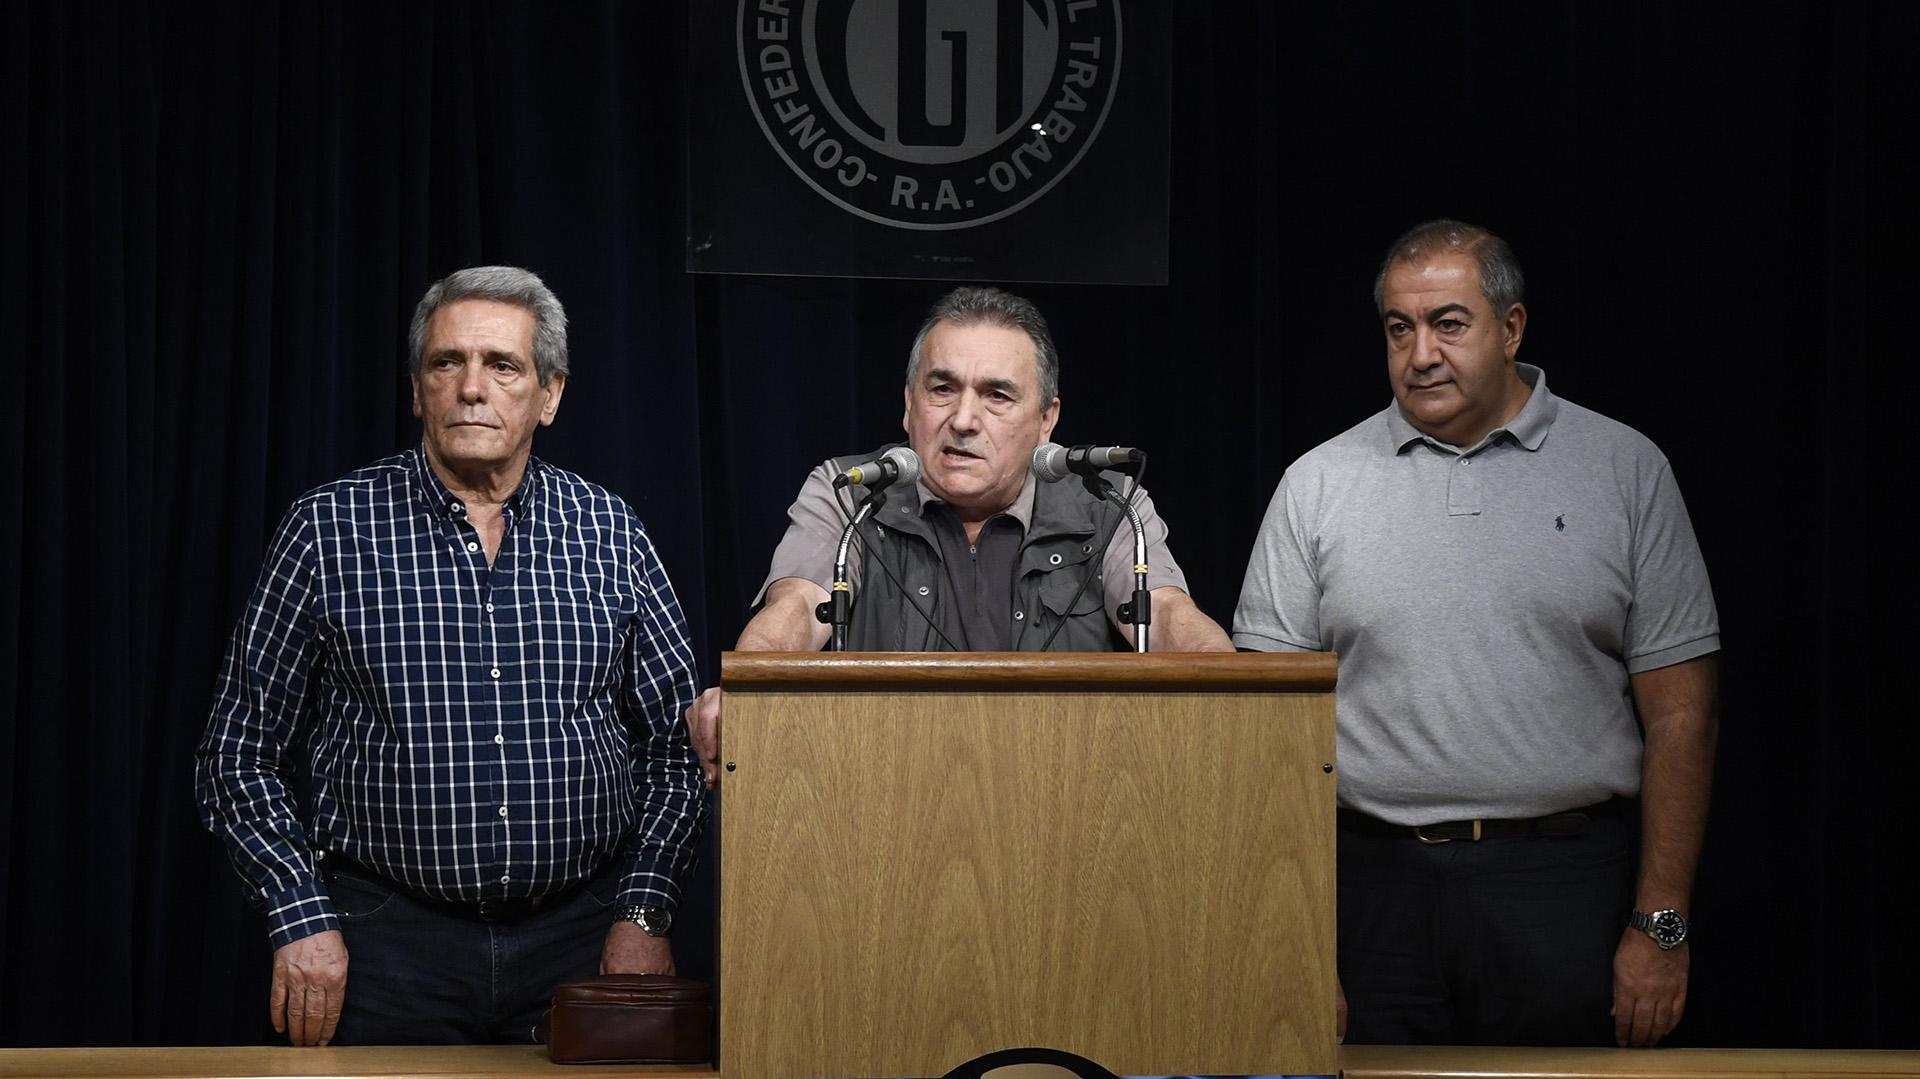 Los integrantes del triunvirato de la CGT: Carlos Acuña, Juan Carlos Schmid y Héctor Daer.